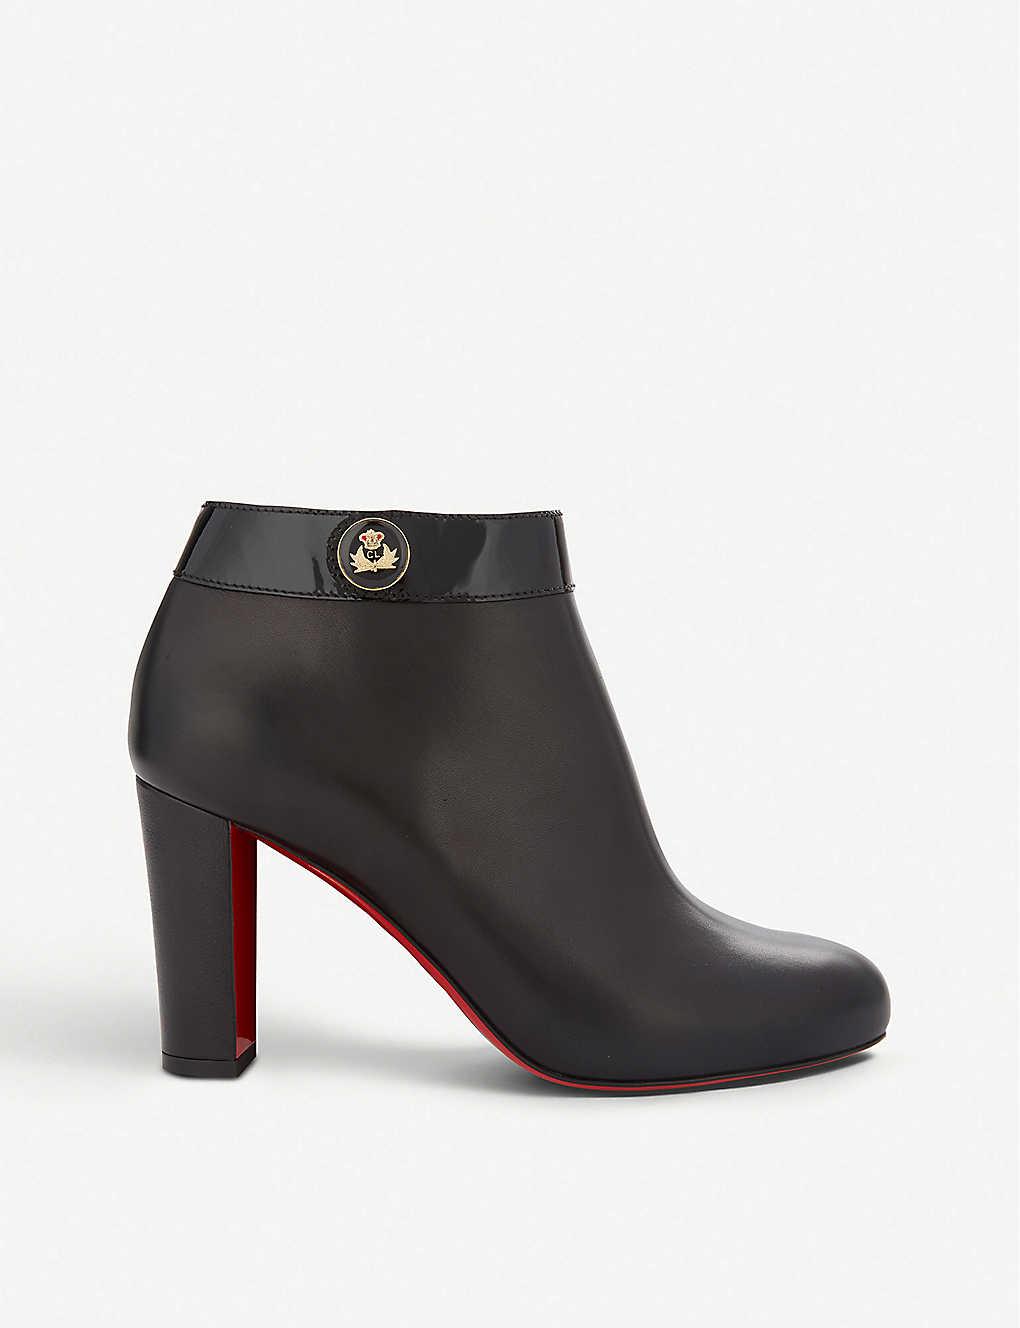 c7b24a79854 CL boots 85 calf/patent black